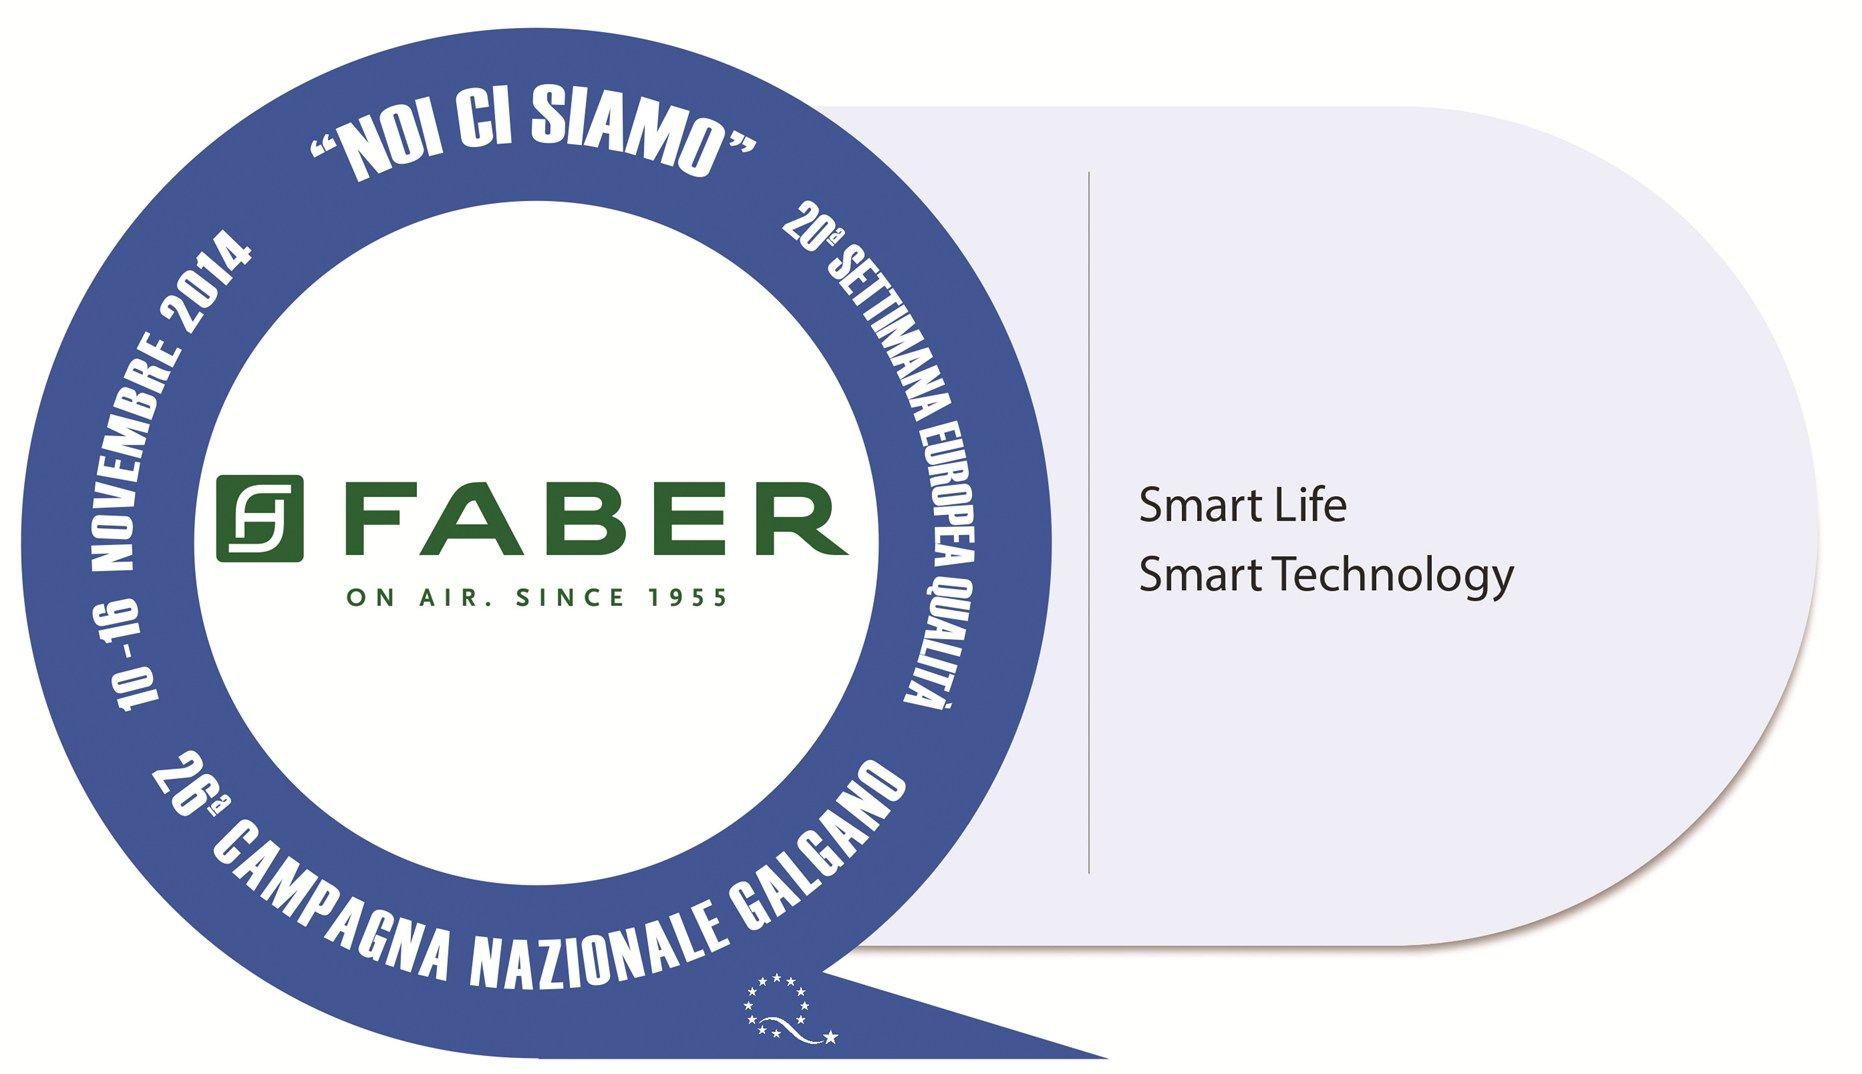 Faber aderisce alla Campagna Nazionale della Qualità e Innovazione 'Noi ci siamo'